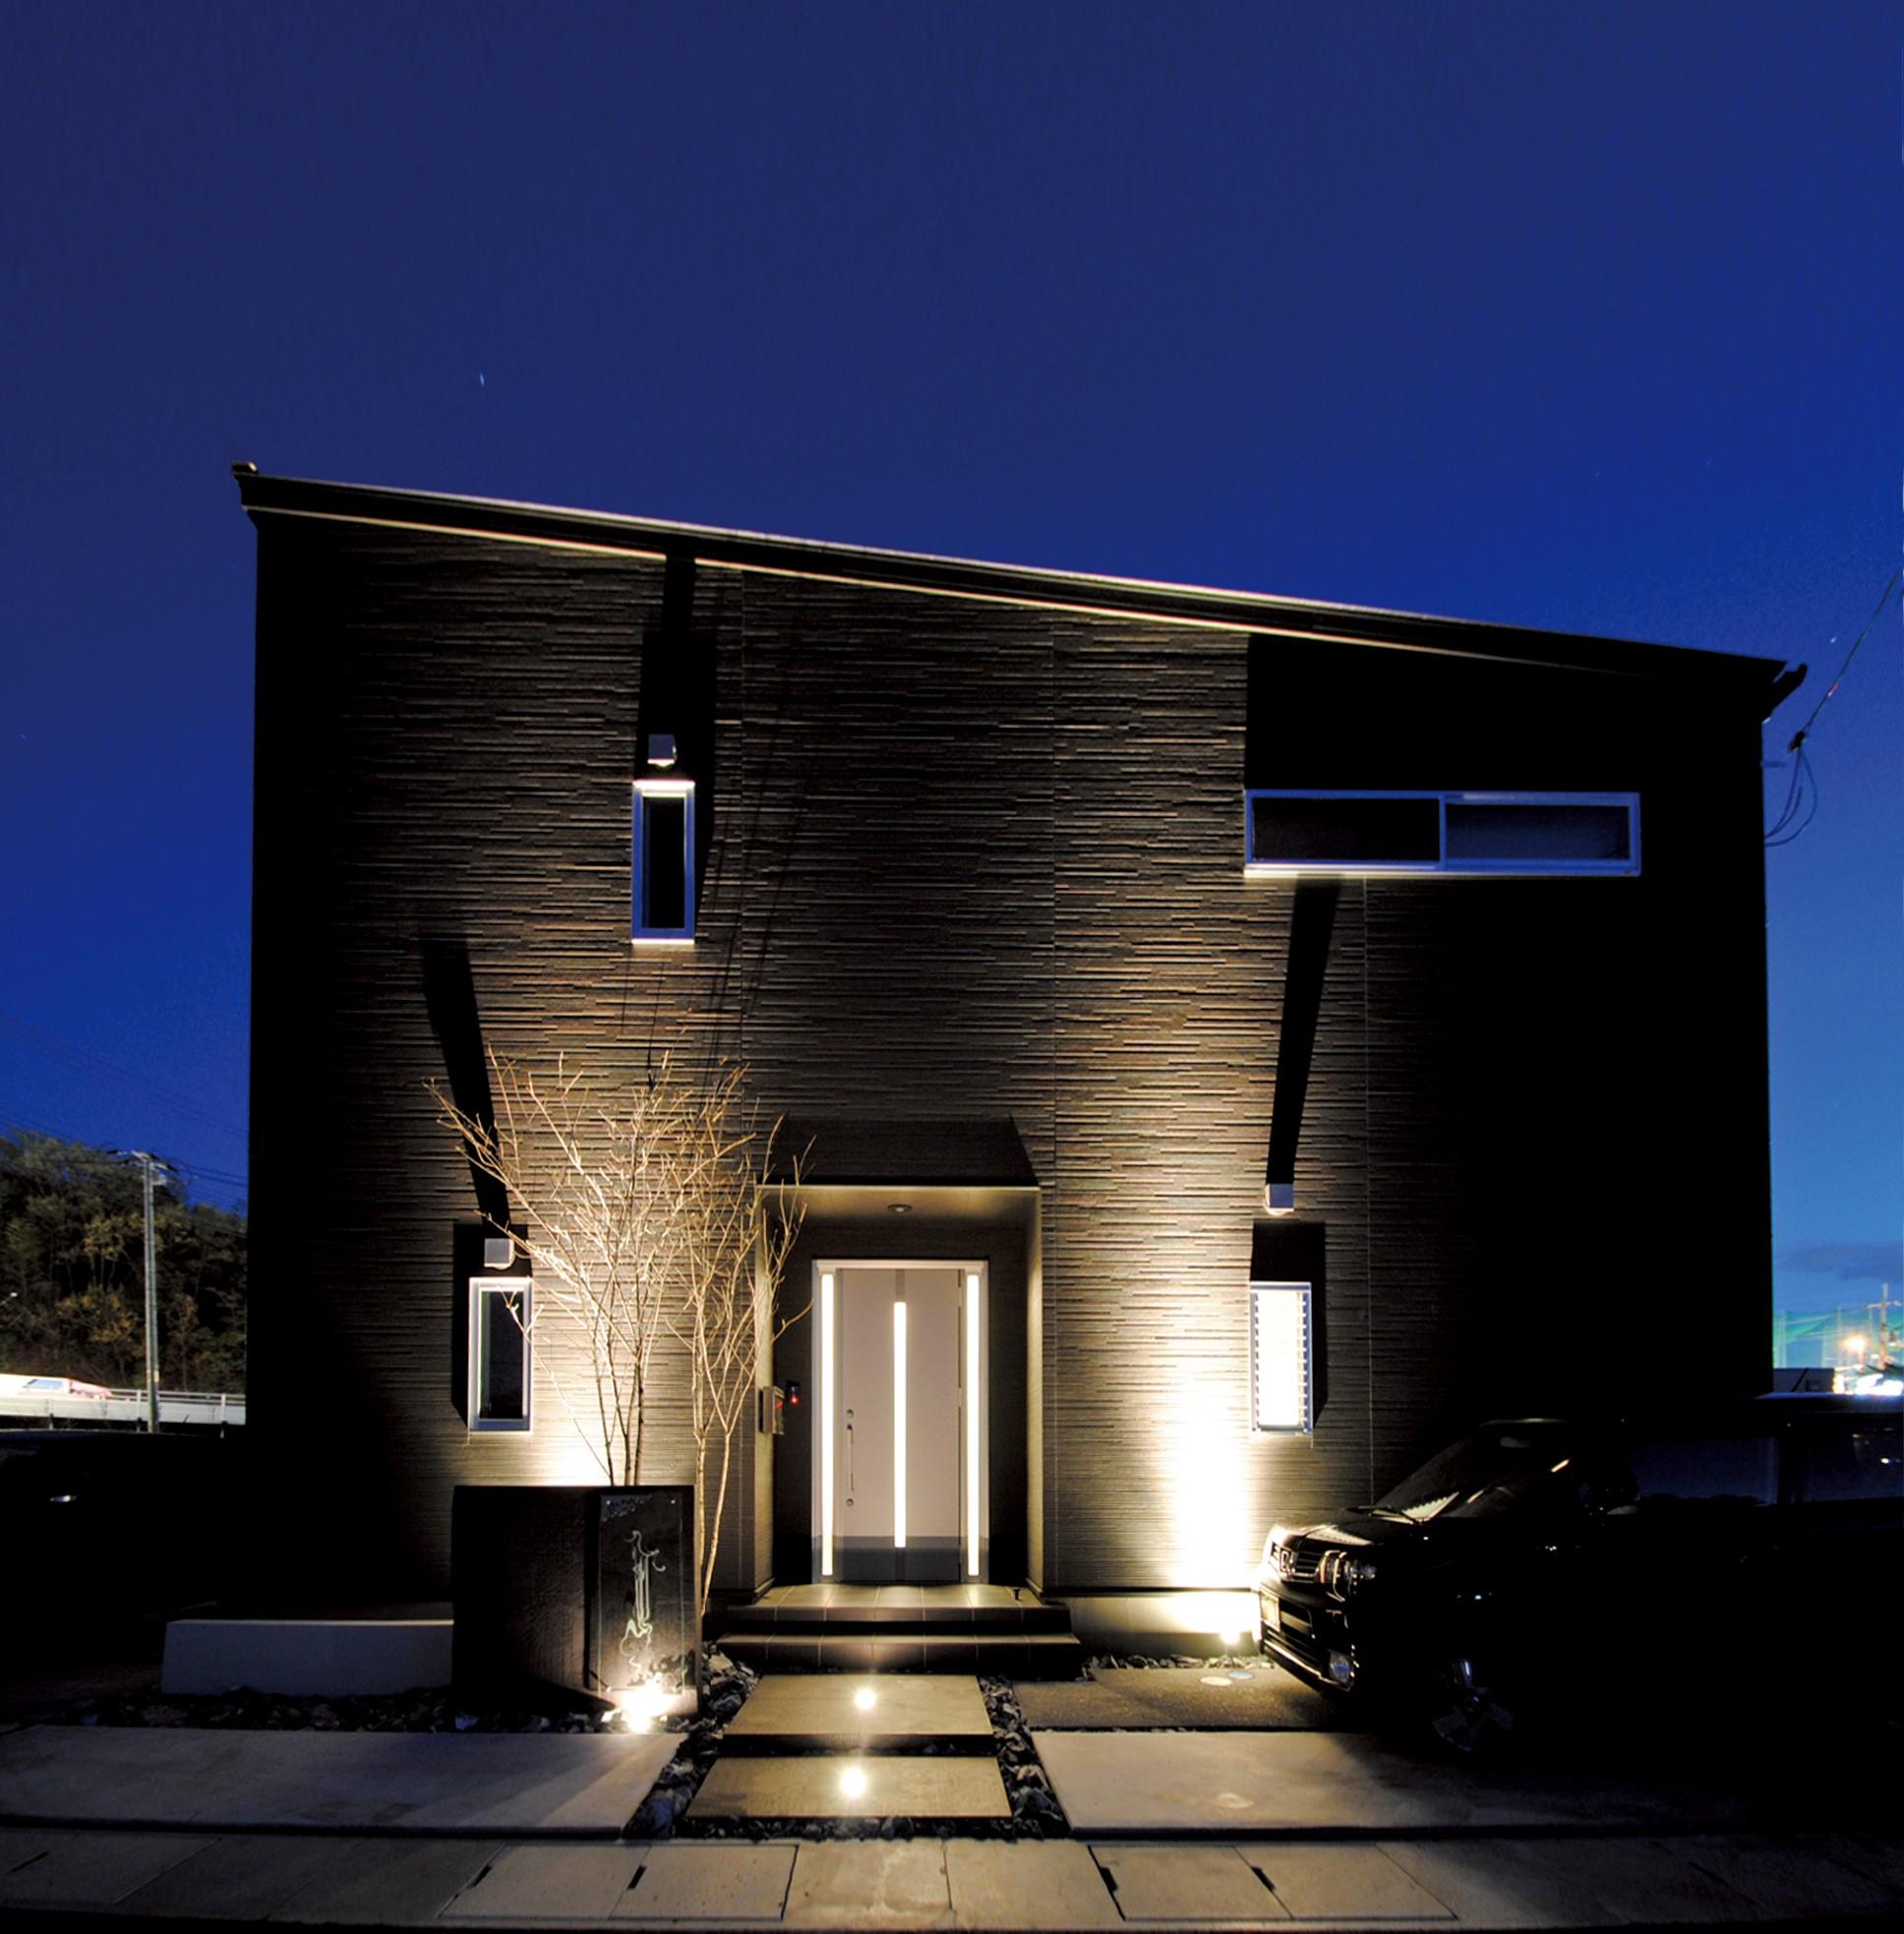 エッジの効いたスタイリッシュモダンな家 デザイン優先も、住み心地はプロがフォロー